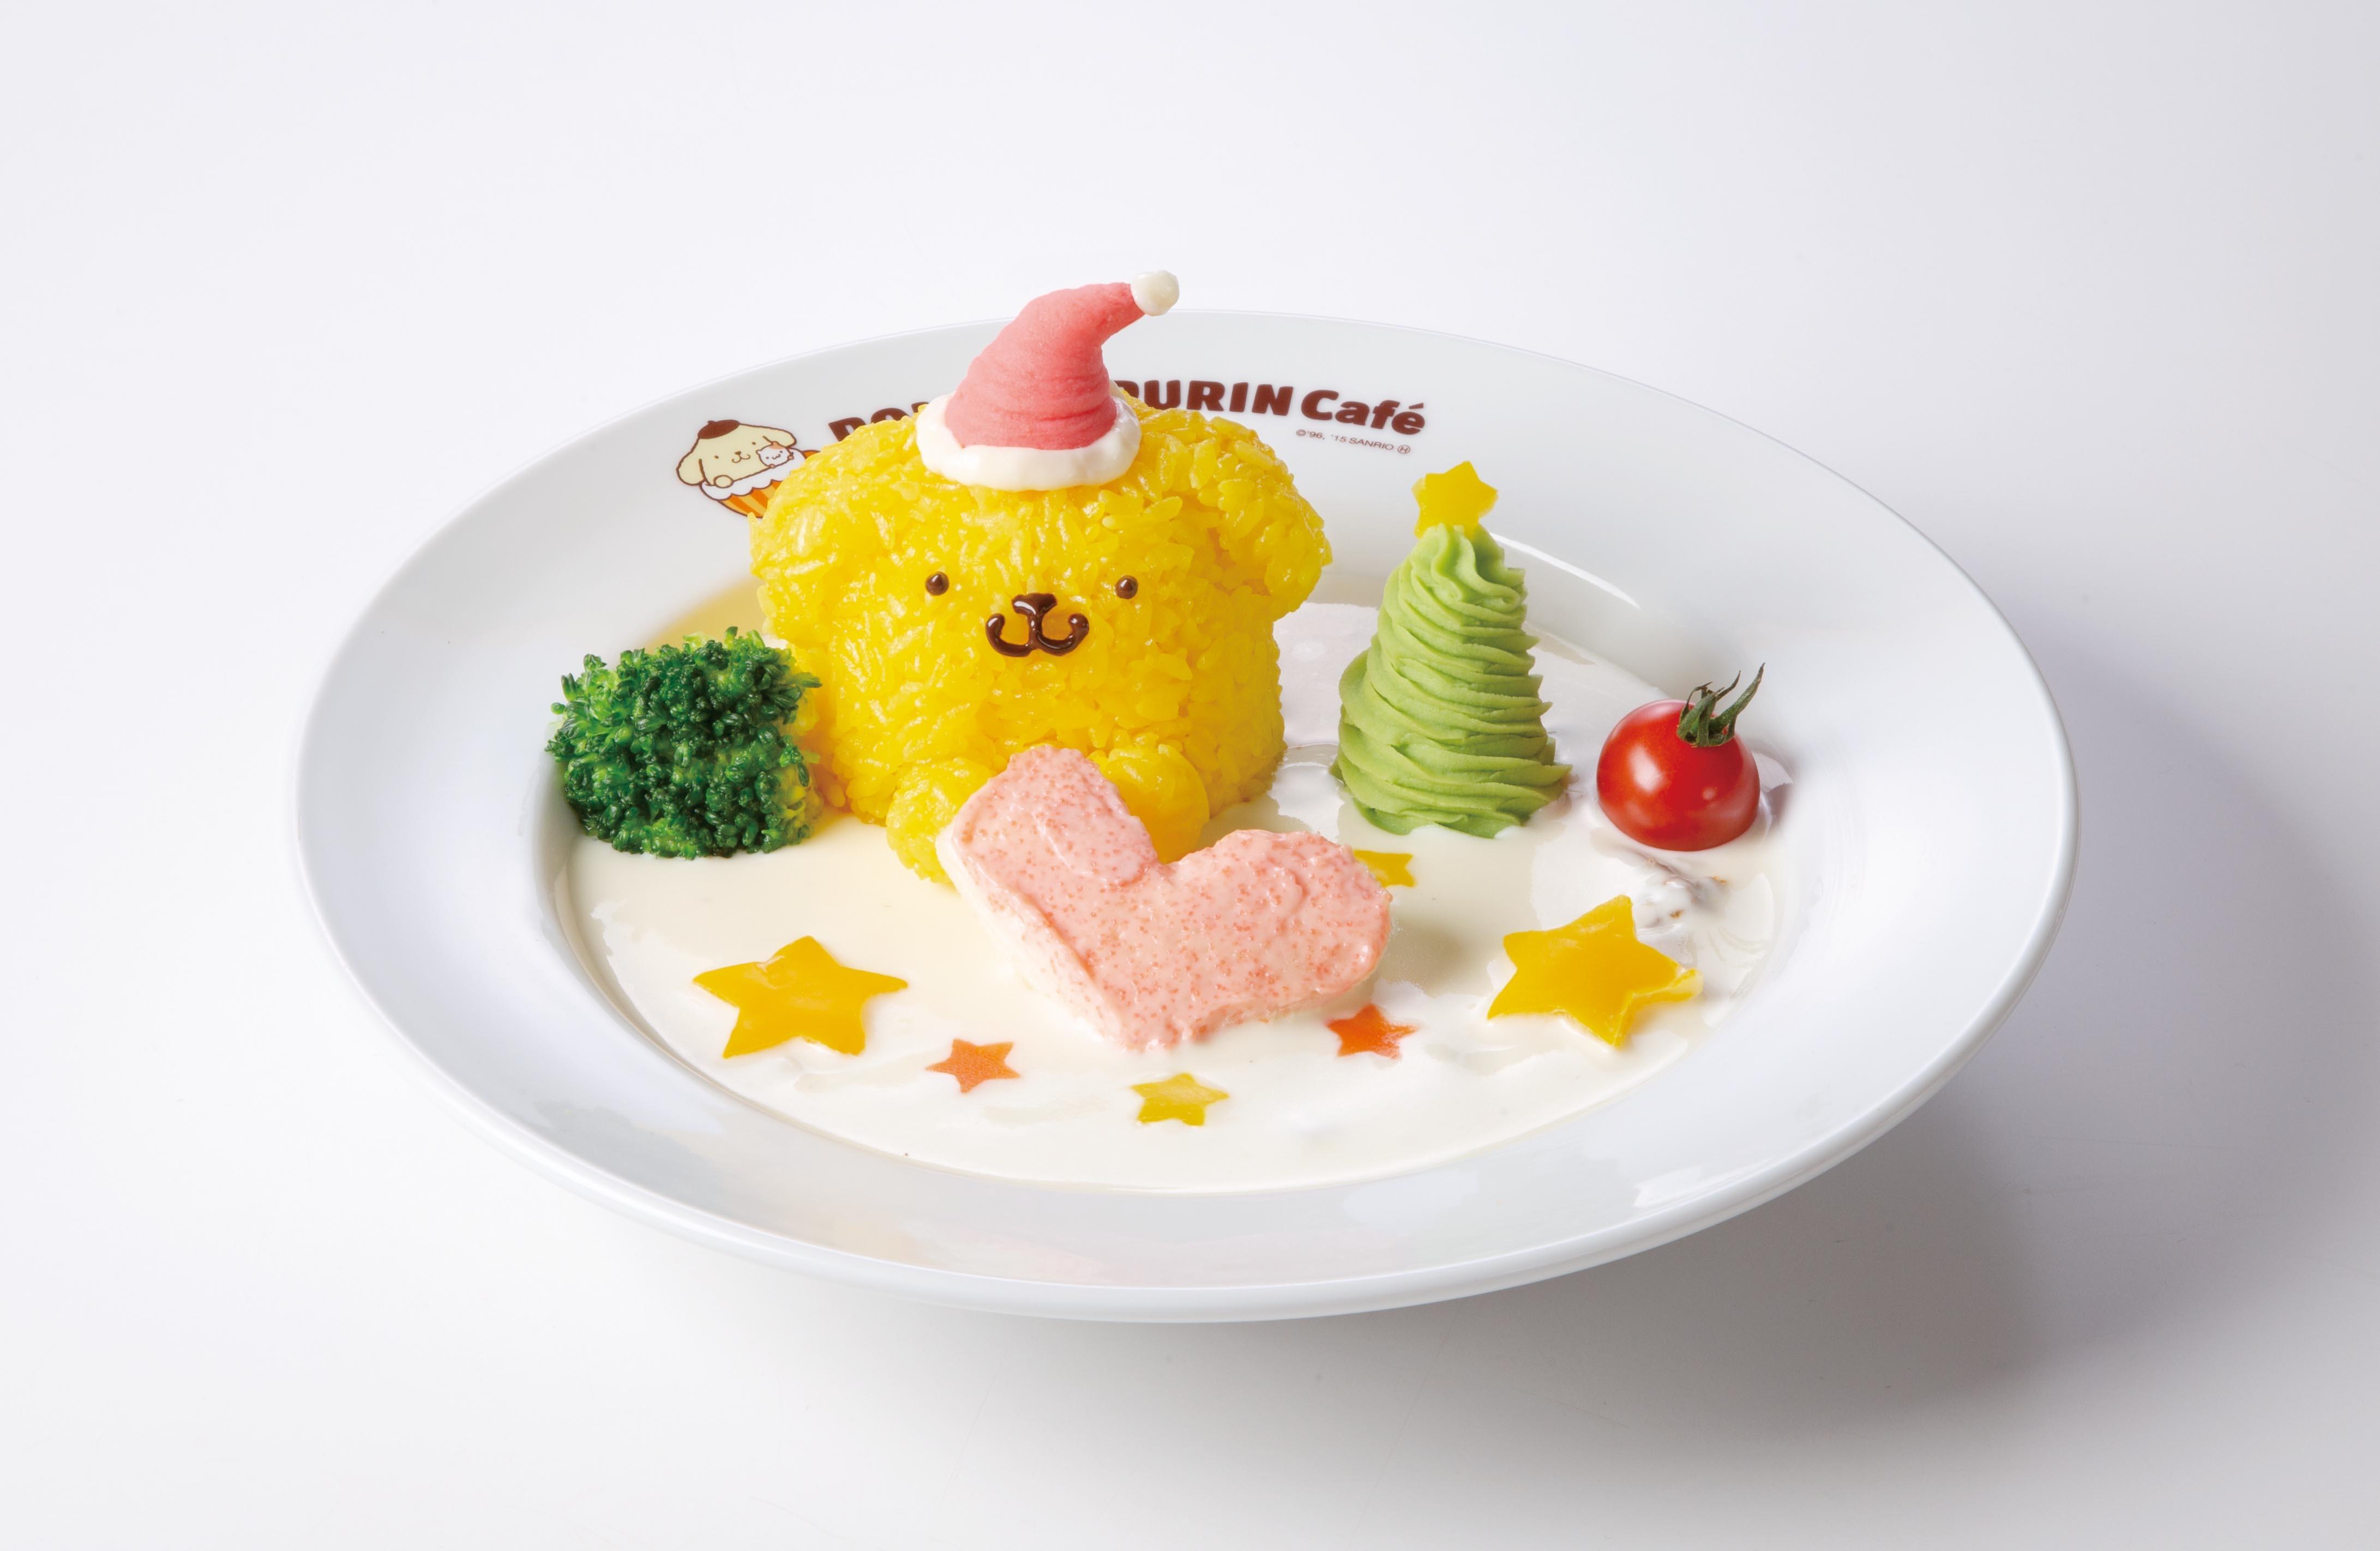 クリスマスシーンをイメージした フード&デザートがお出迎え😻♡「ポムポムプリンカフェ」クリスマスメニューを限定販売🎄💗